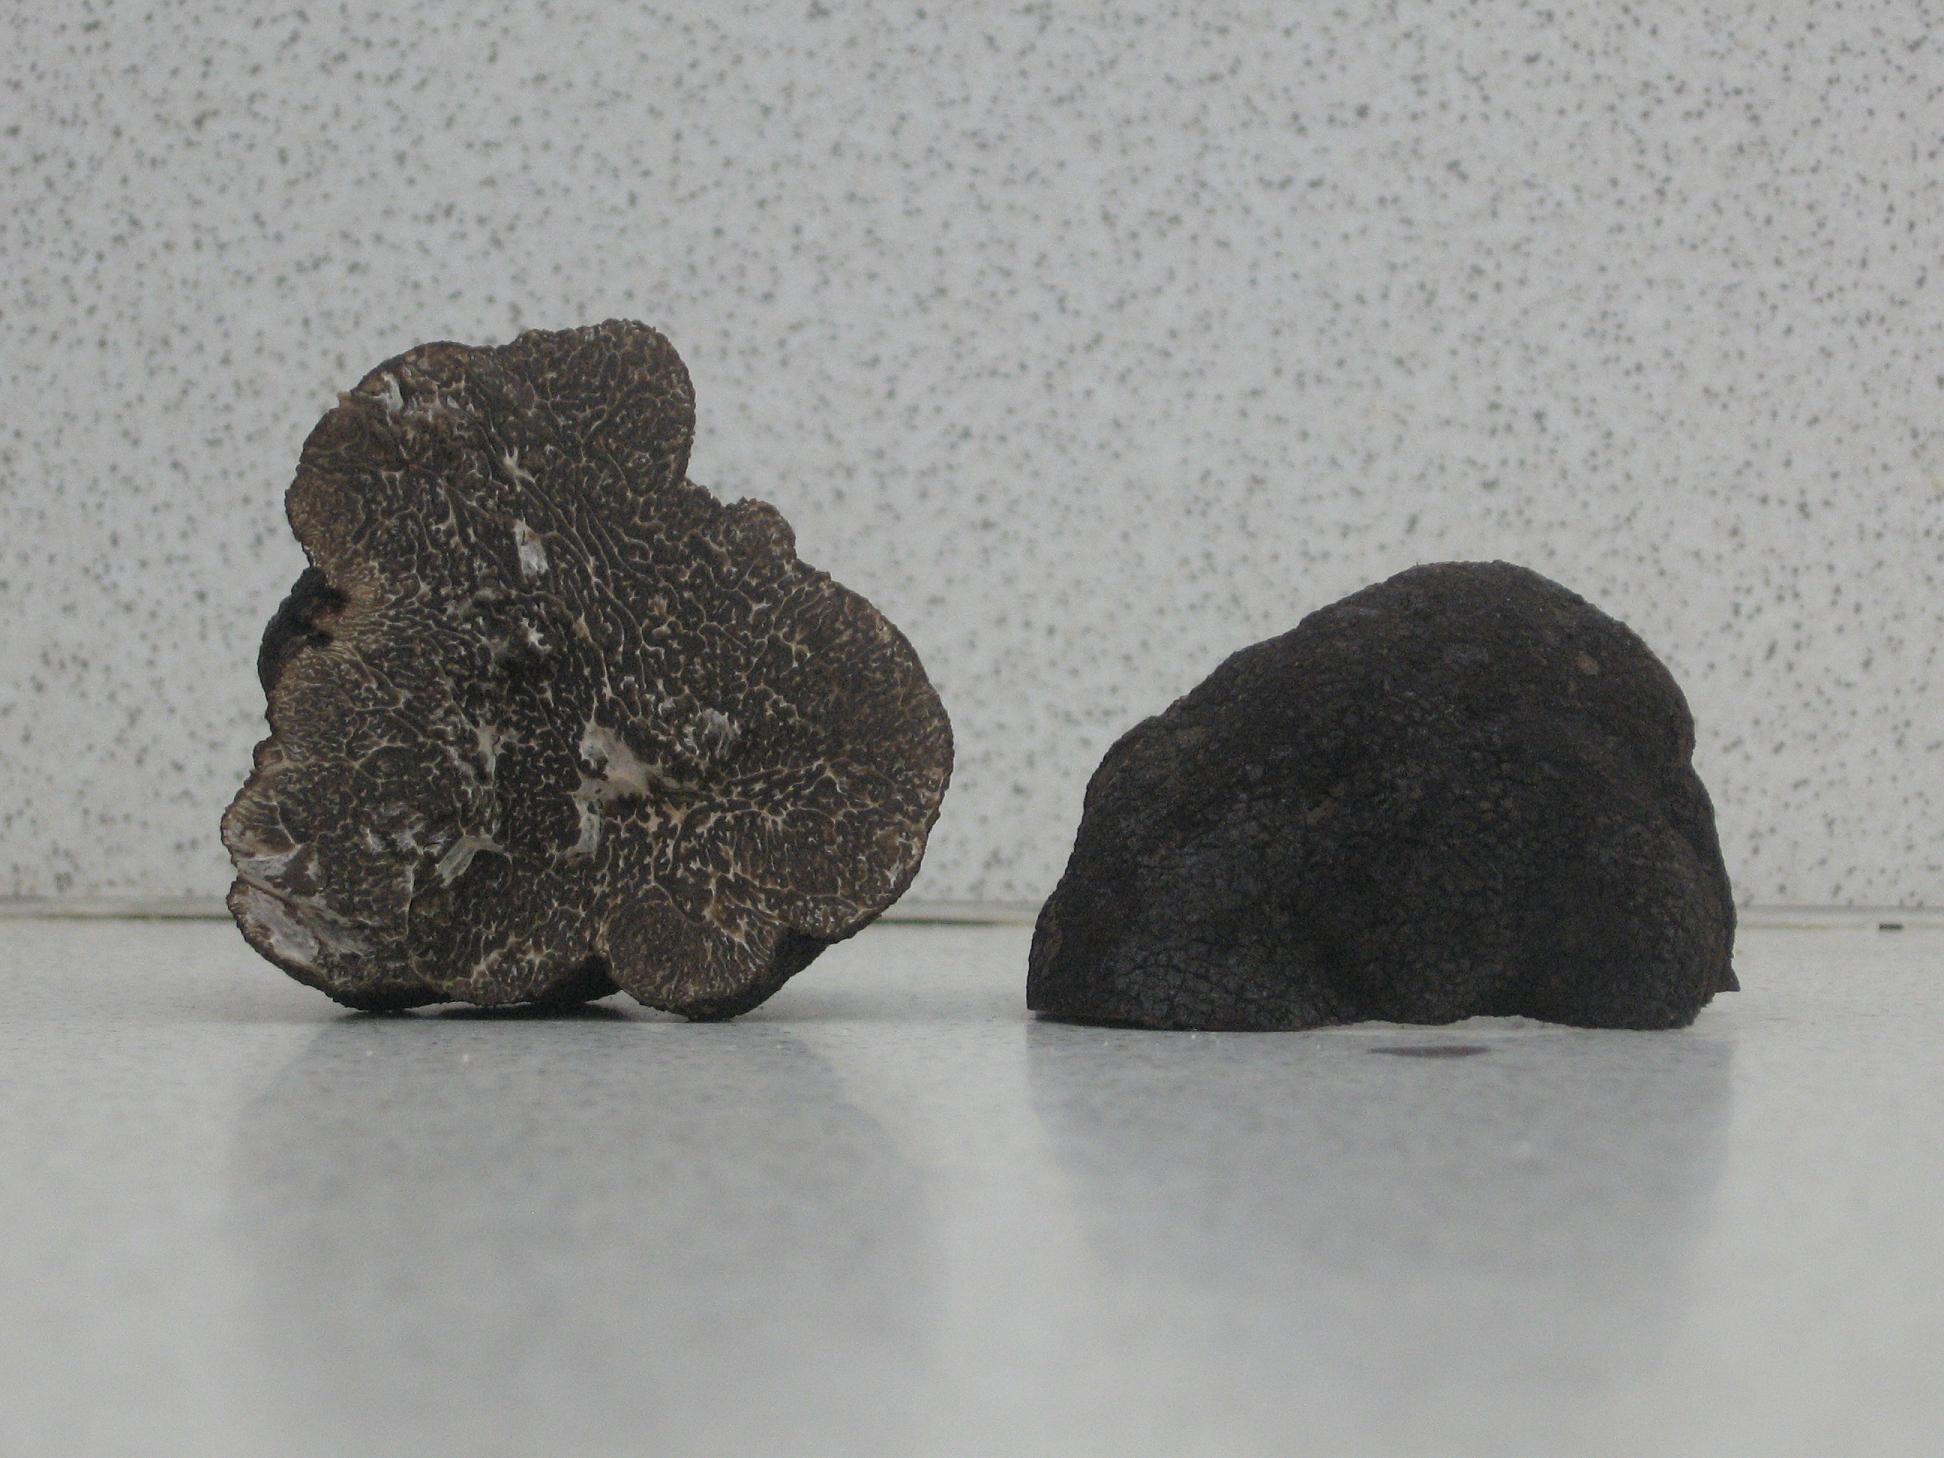 La trufa negra es la especie de trufa más valorada en gastronomía.